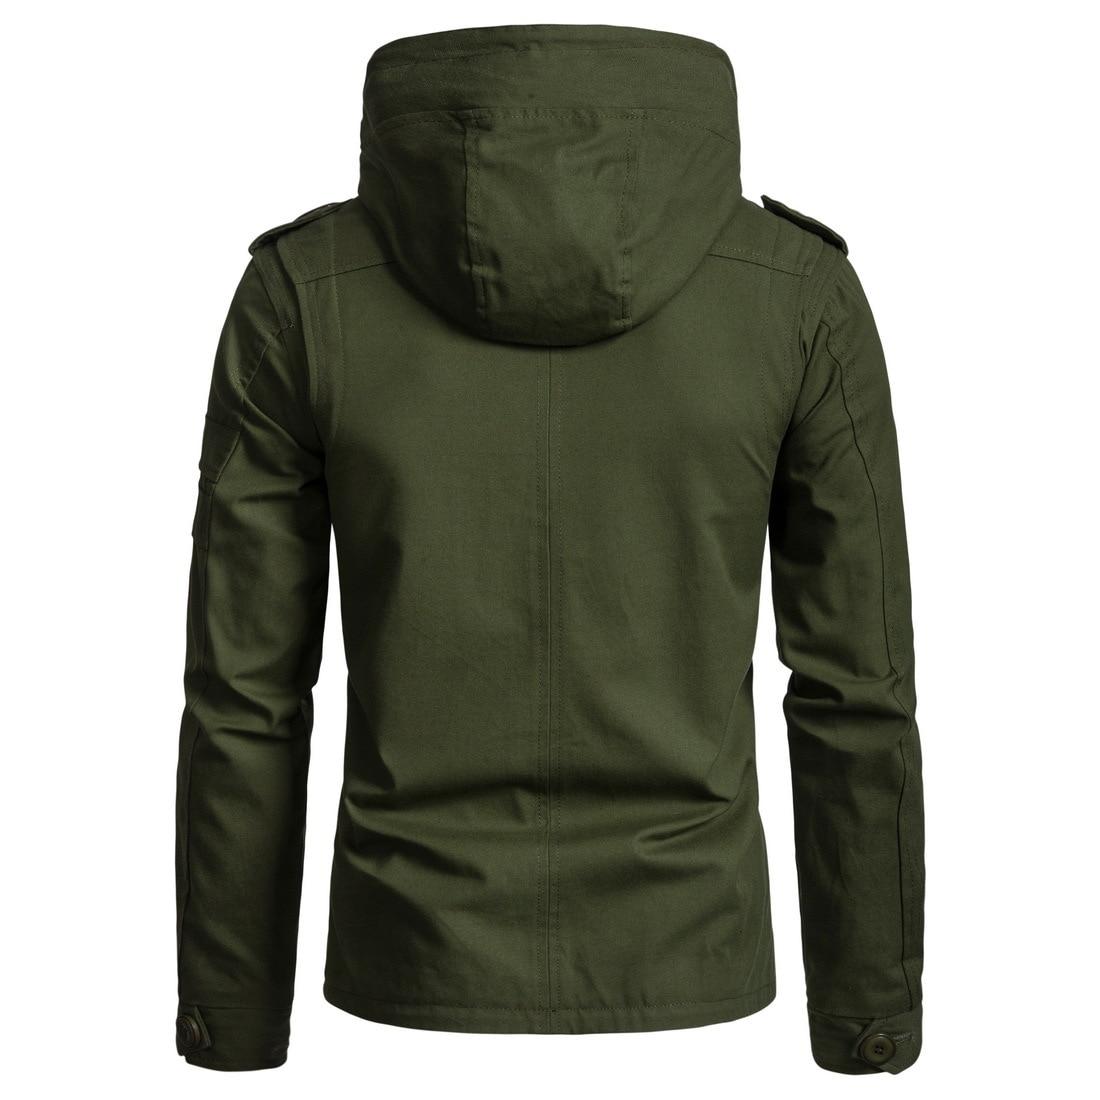 masculinas camisas casuais ao ar livre roupas de pesca com capuz